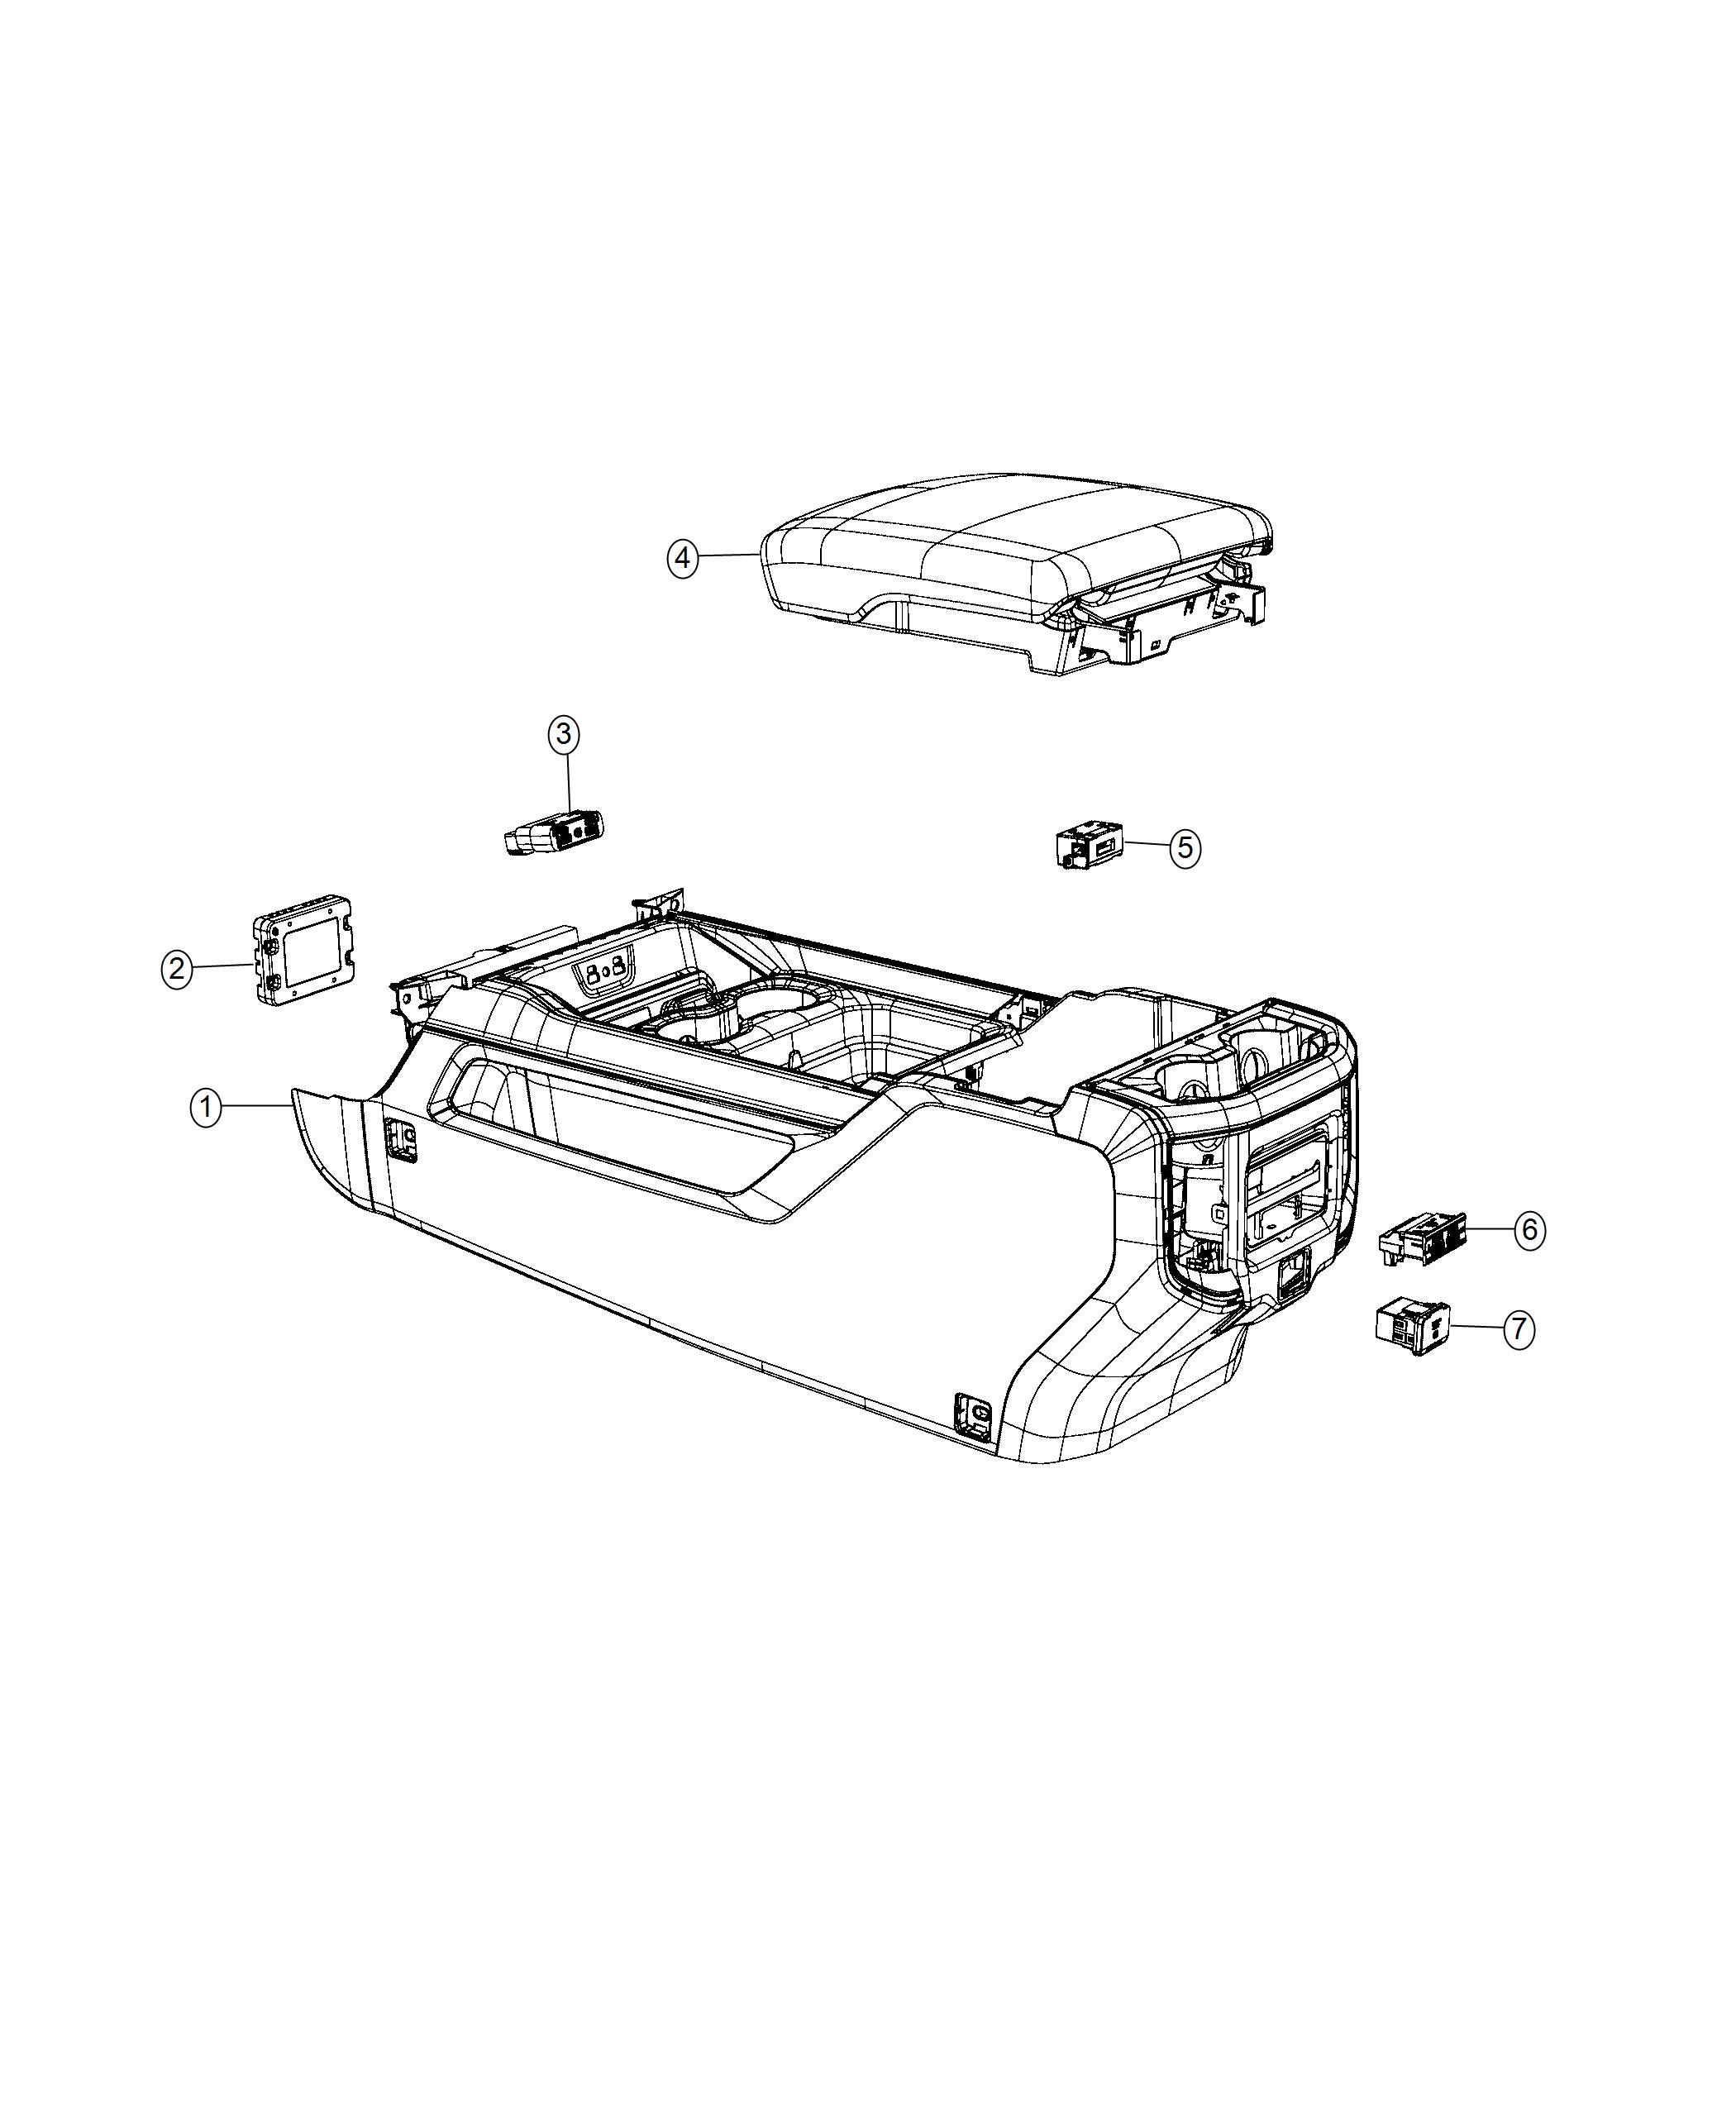 Ram Power Outlet Inverter Trim No Description